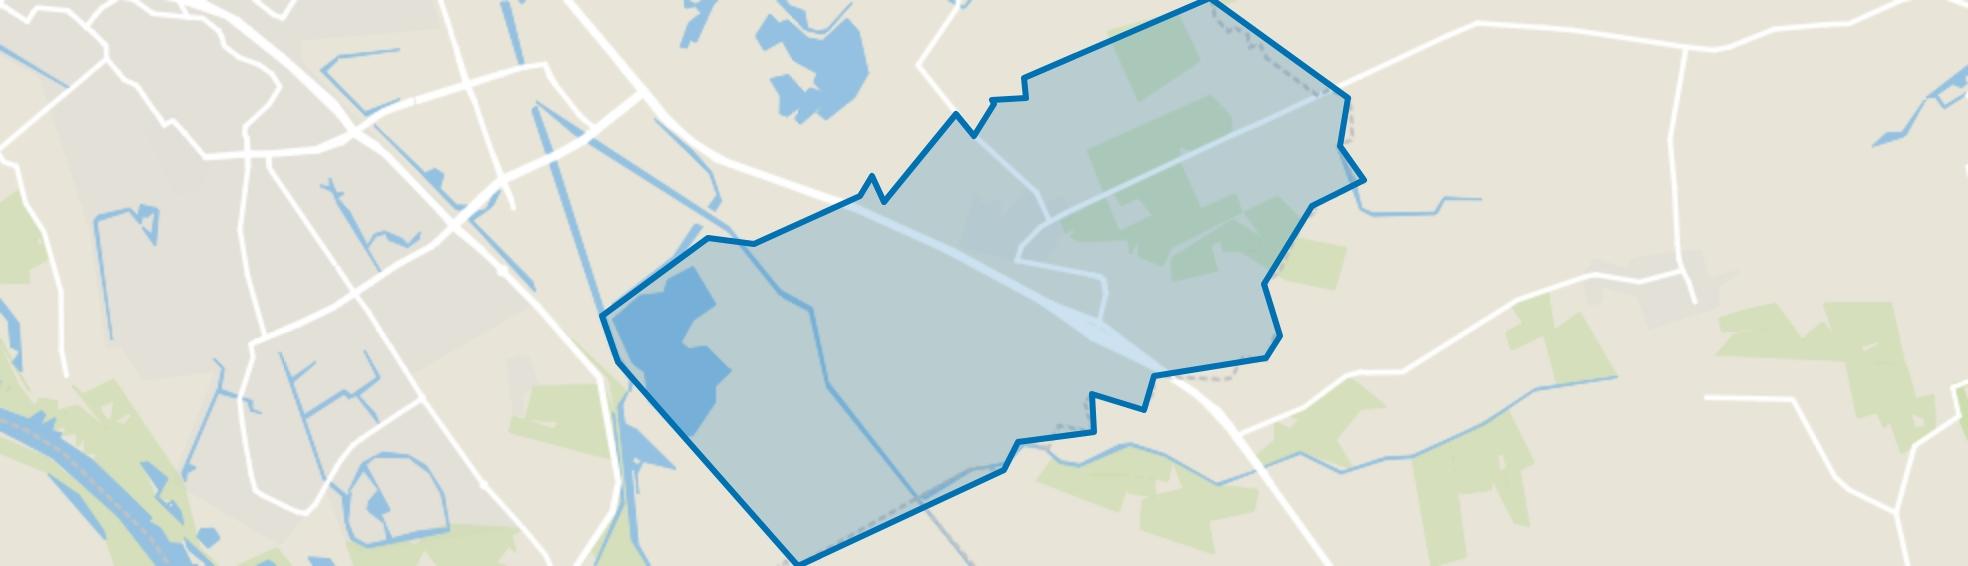 Wijthmen, Zwolle map